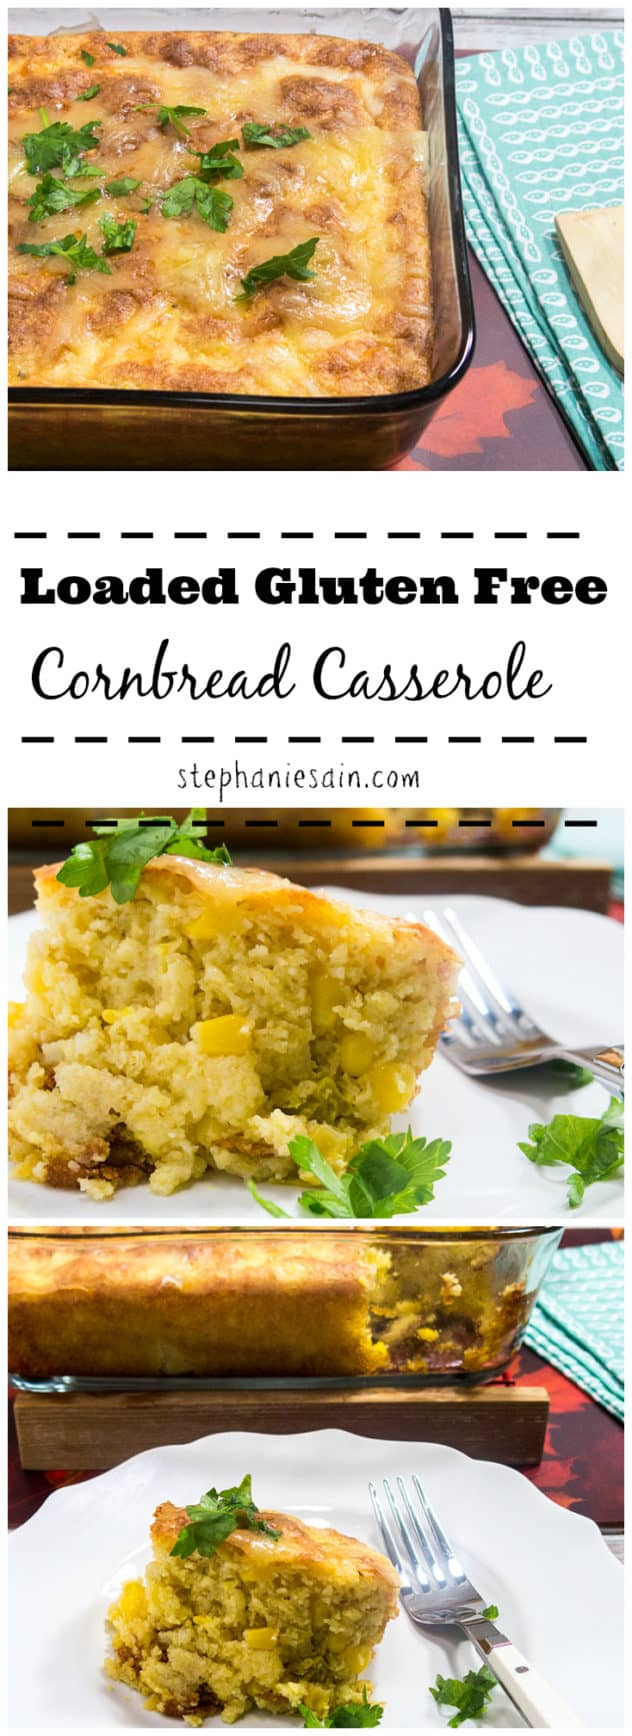 Loaded Gluten Free Cornbread Casserole